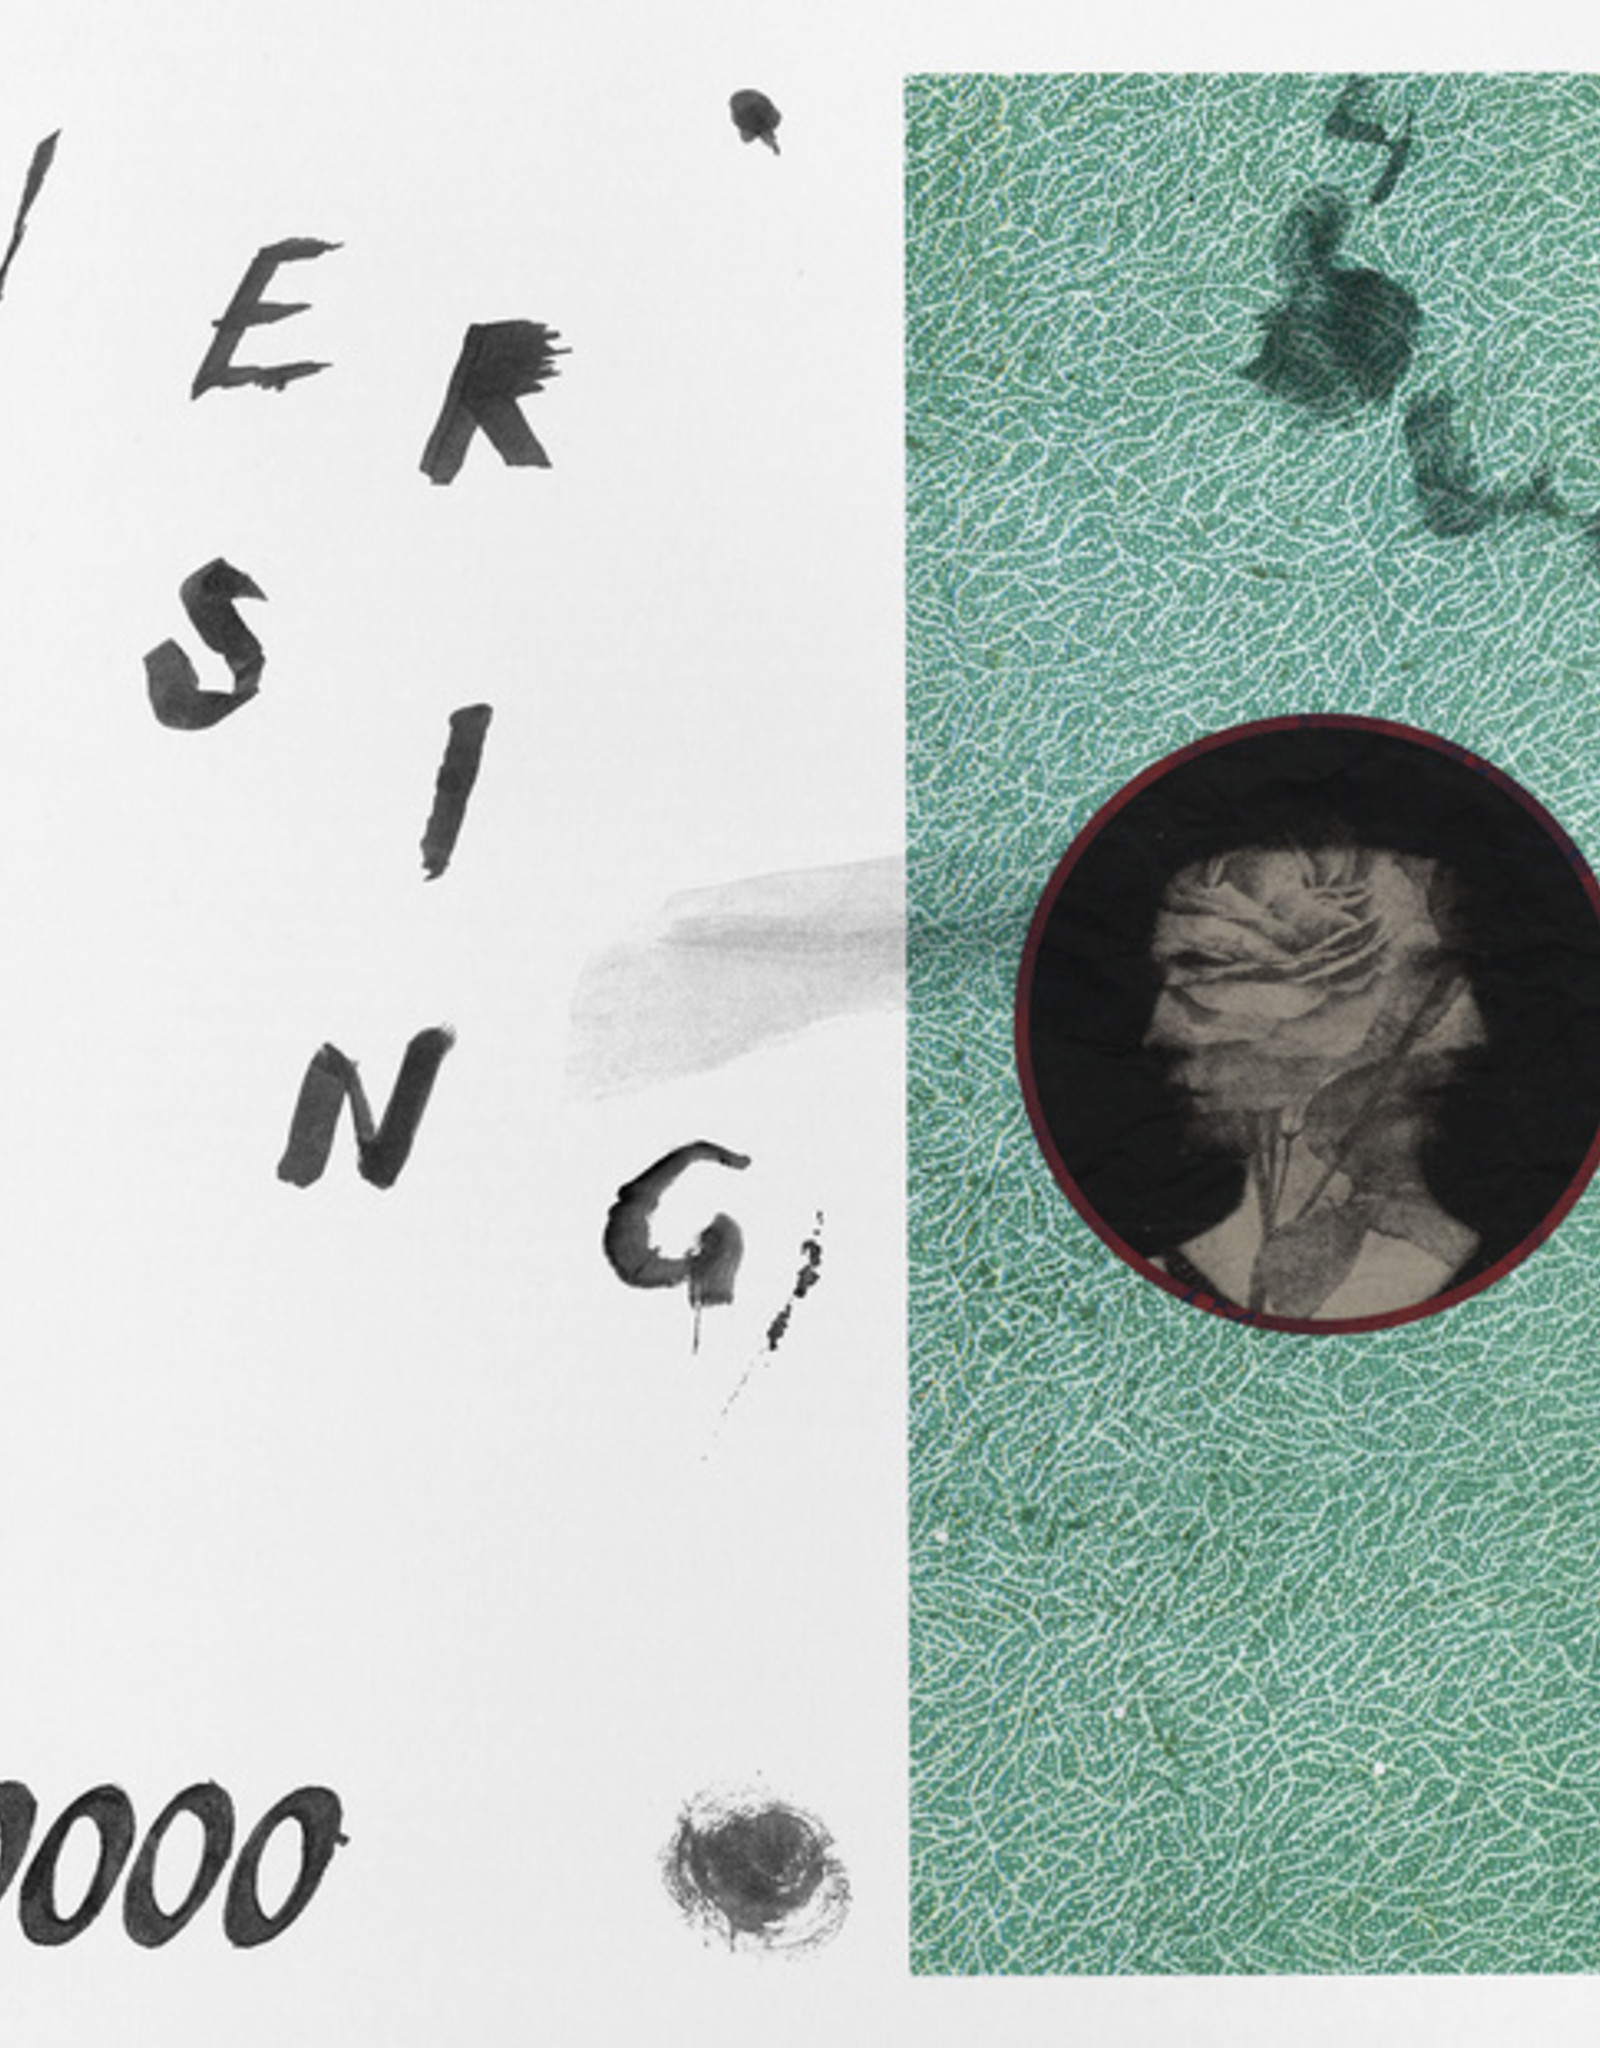 Versing - 10000 Lp